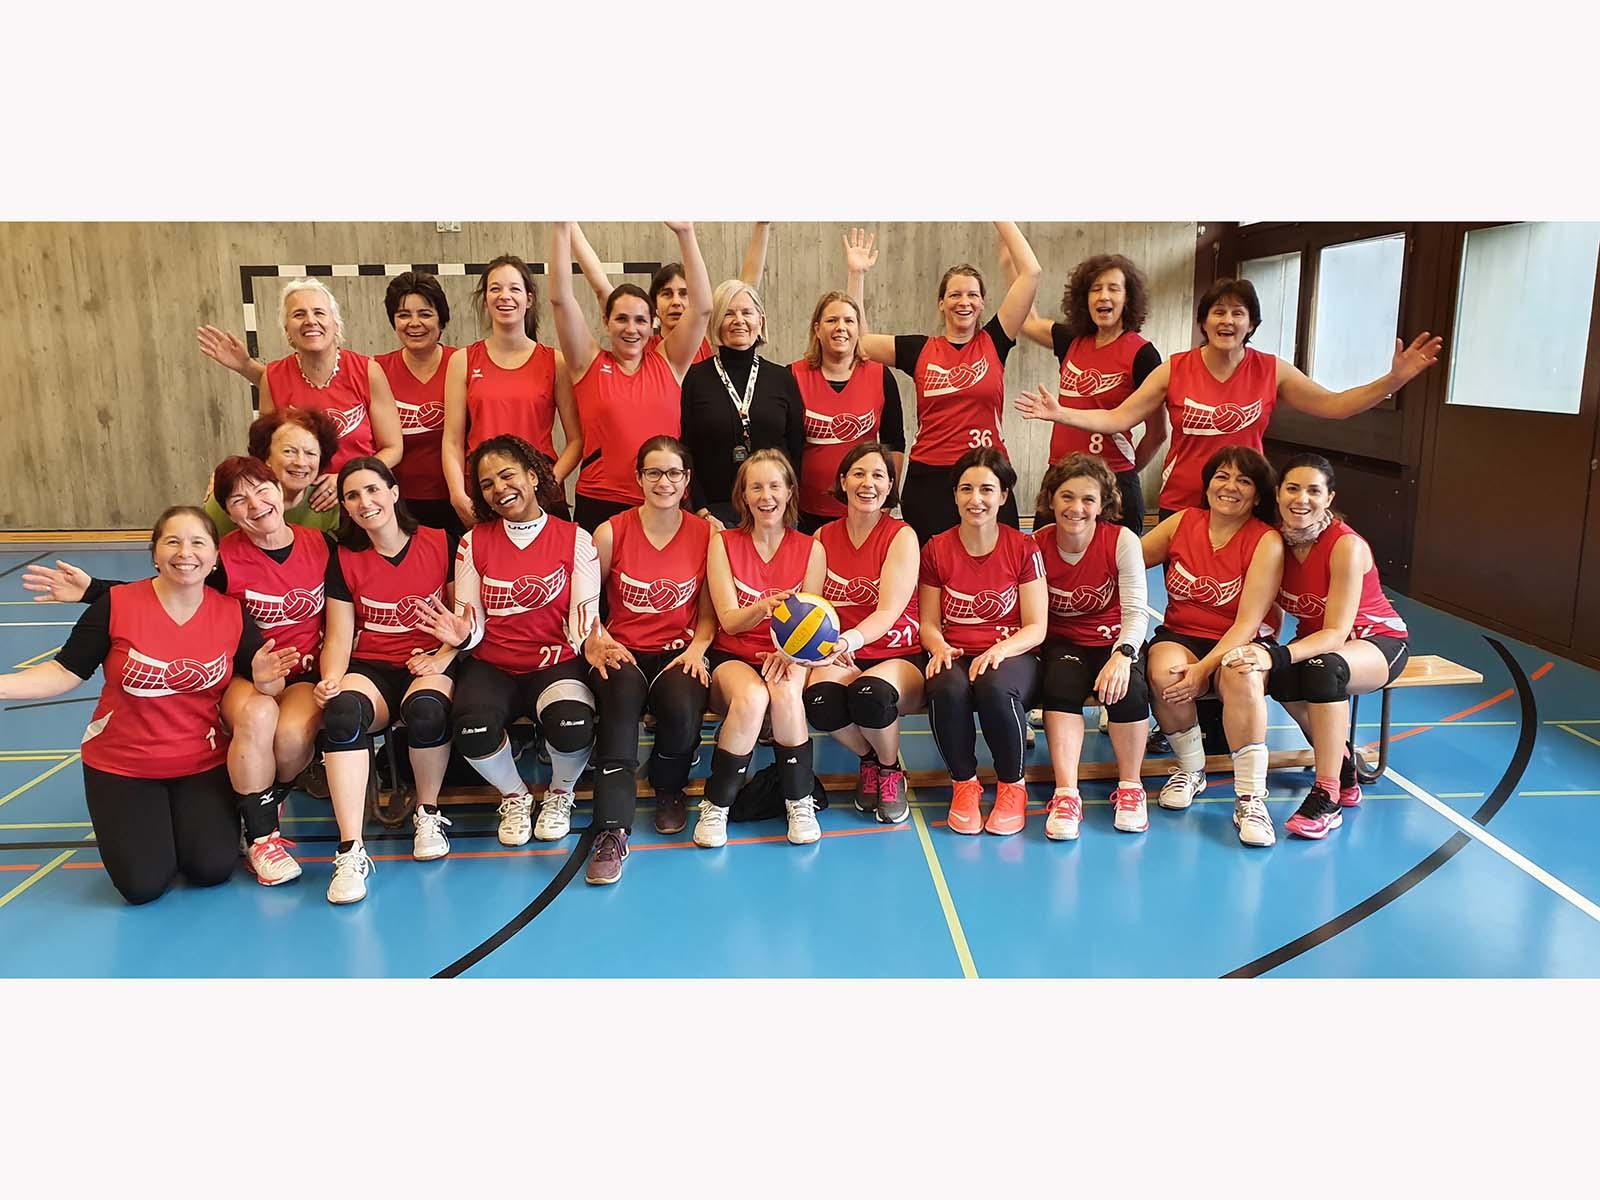 Die glücklichen Volleyballerinnen nach einem erfolgreichen Turniertag.